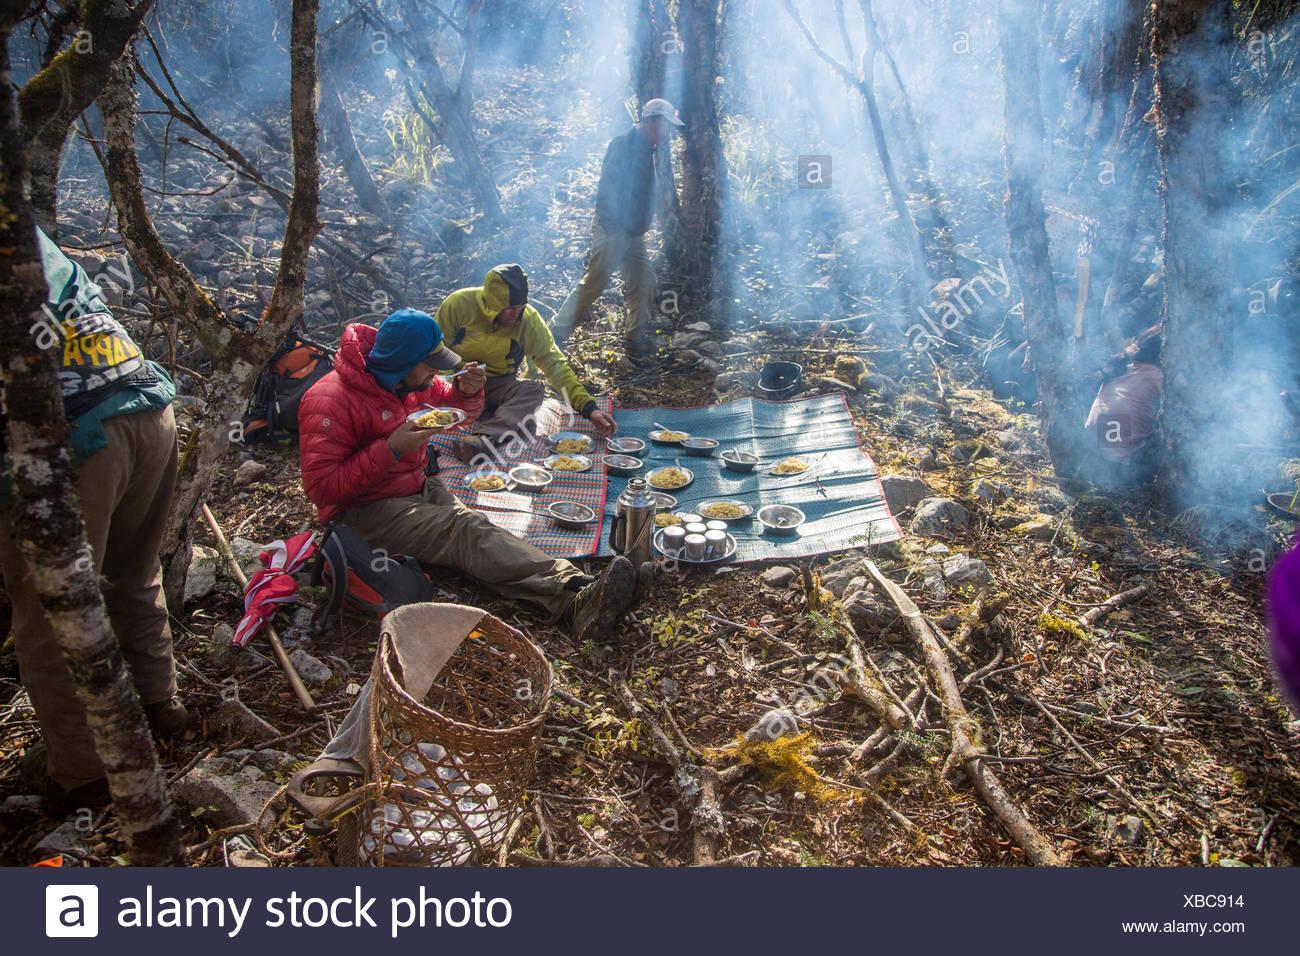 Zwei Expeditionsteilnehmer Essen essen, während die anderen sich um den Campingplatz beschäftigt. Stockbild